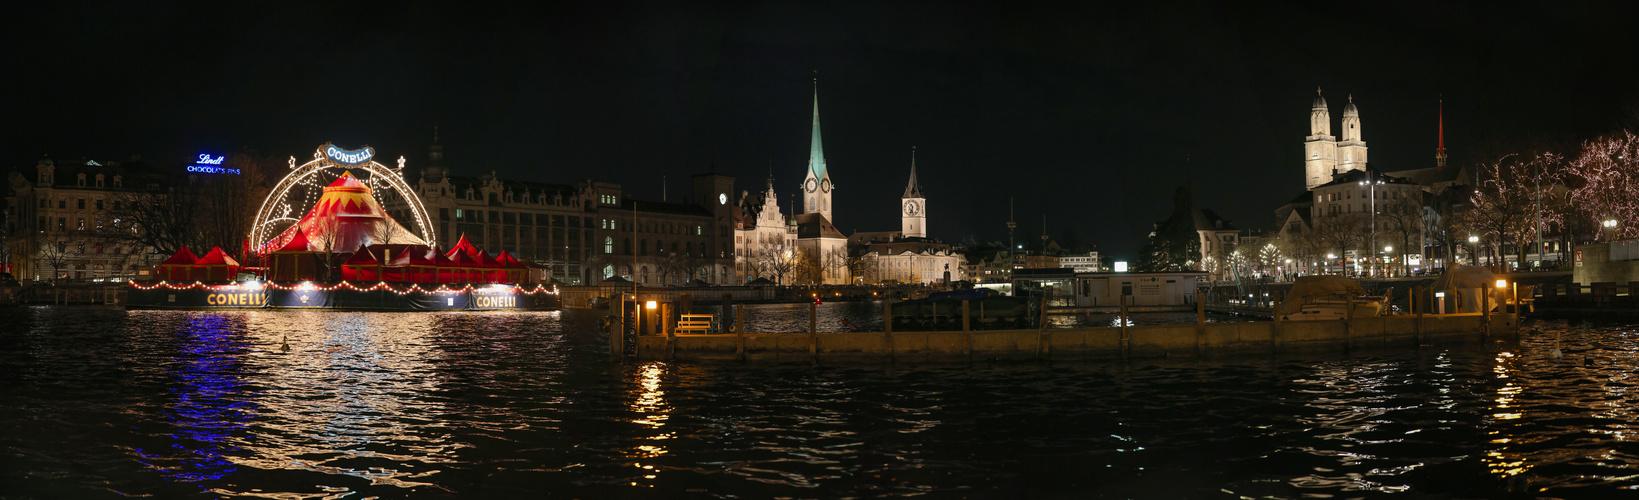 Zürich CONELLI